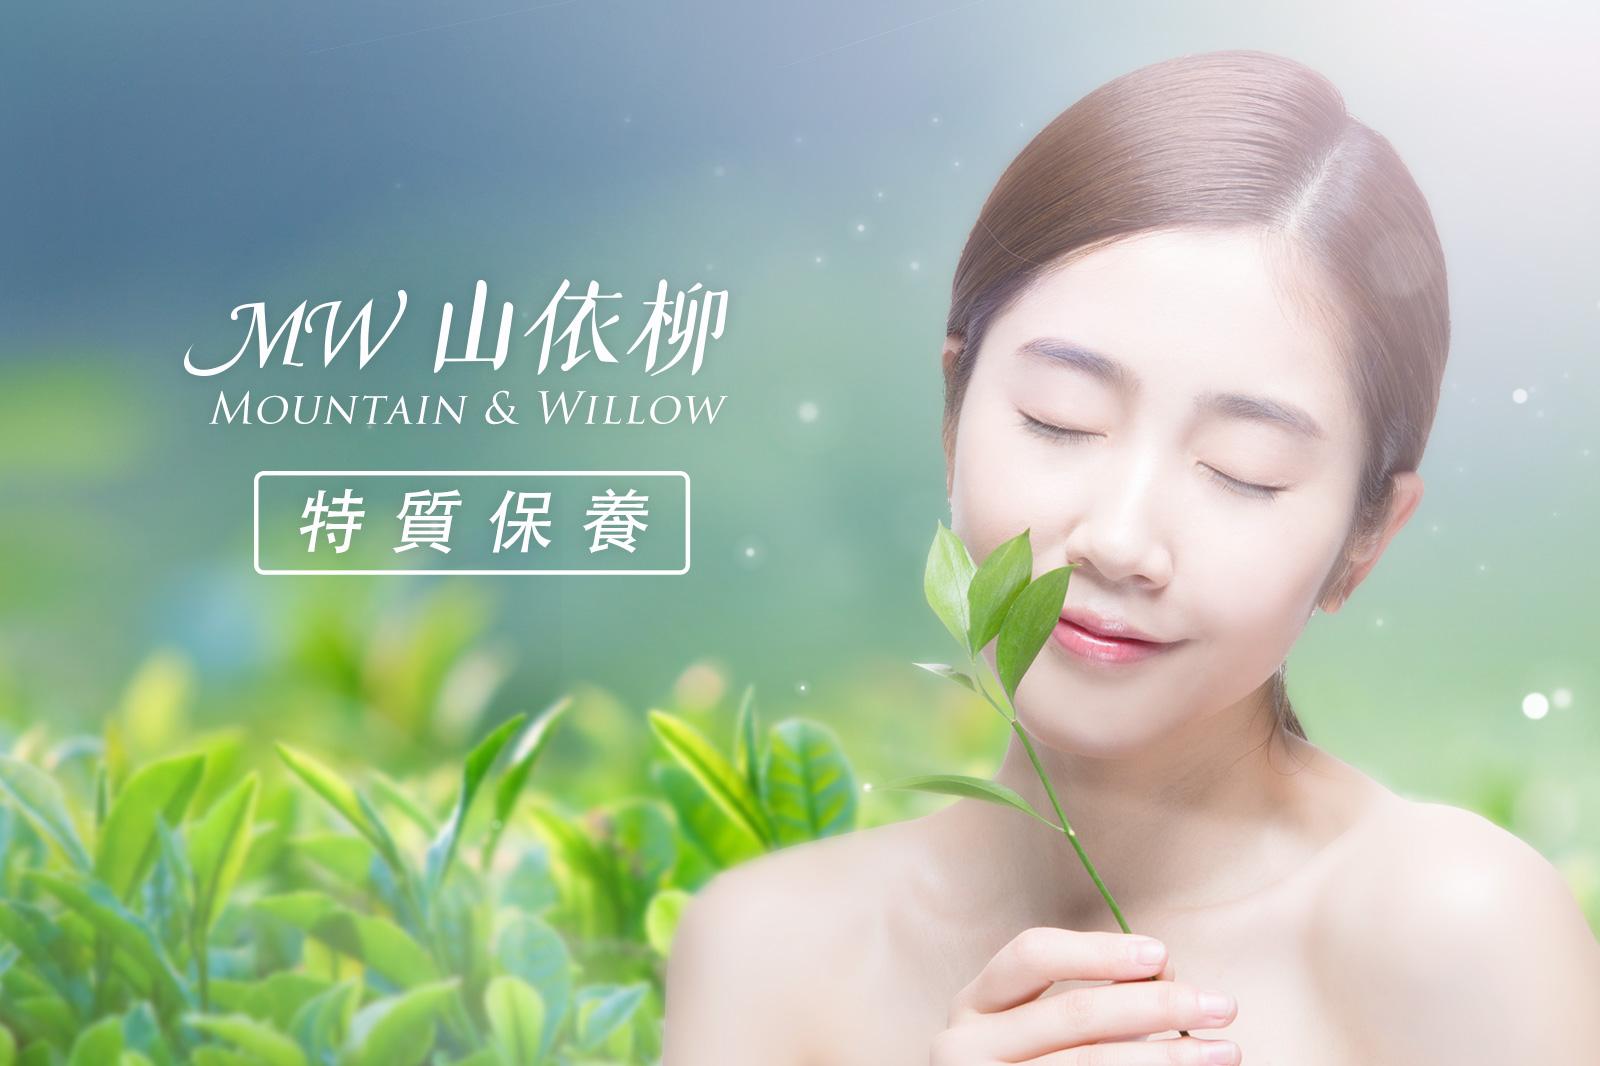 台灣植萃保養品牌-山依柳品牌故事